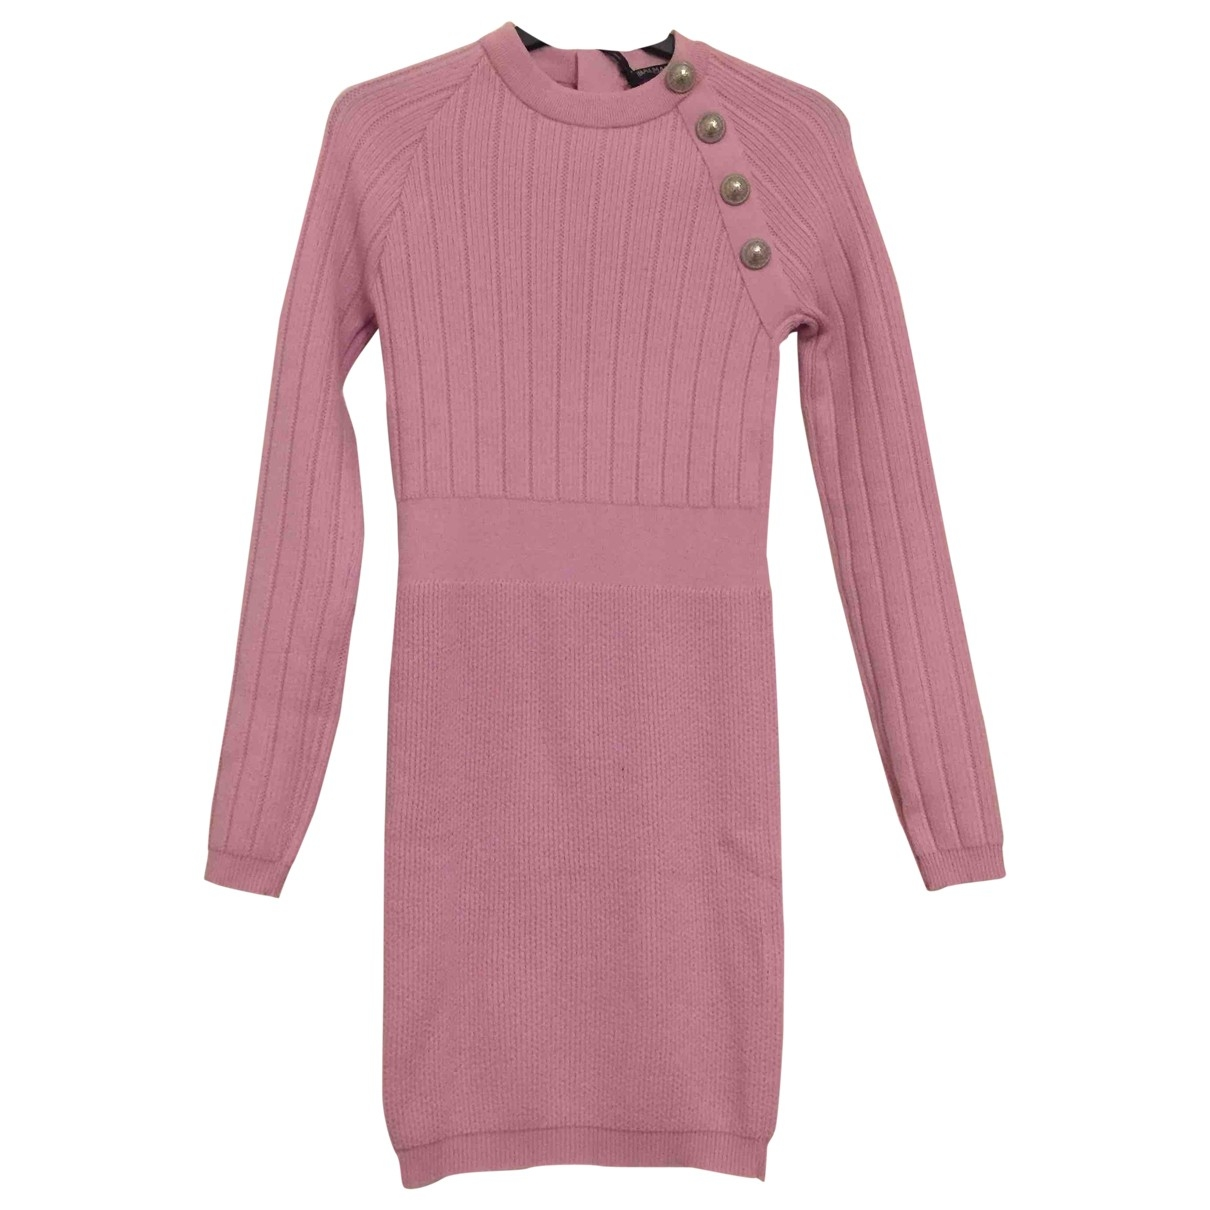 Balmain \N Kleid in  Lila Wolle